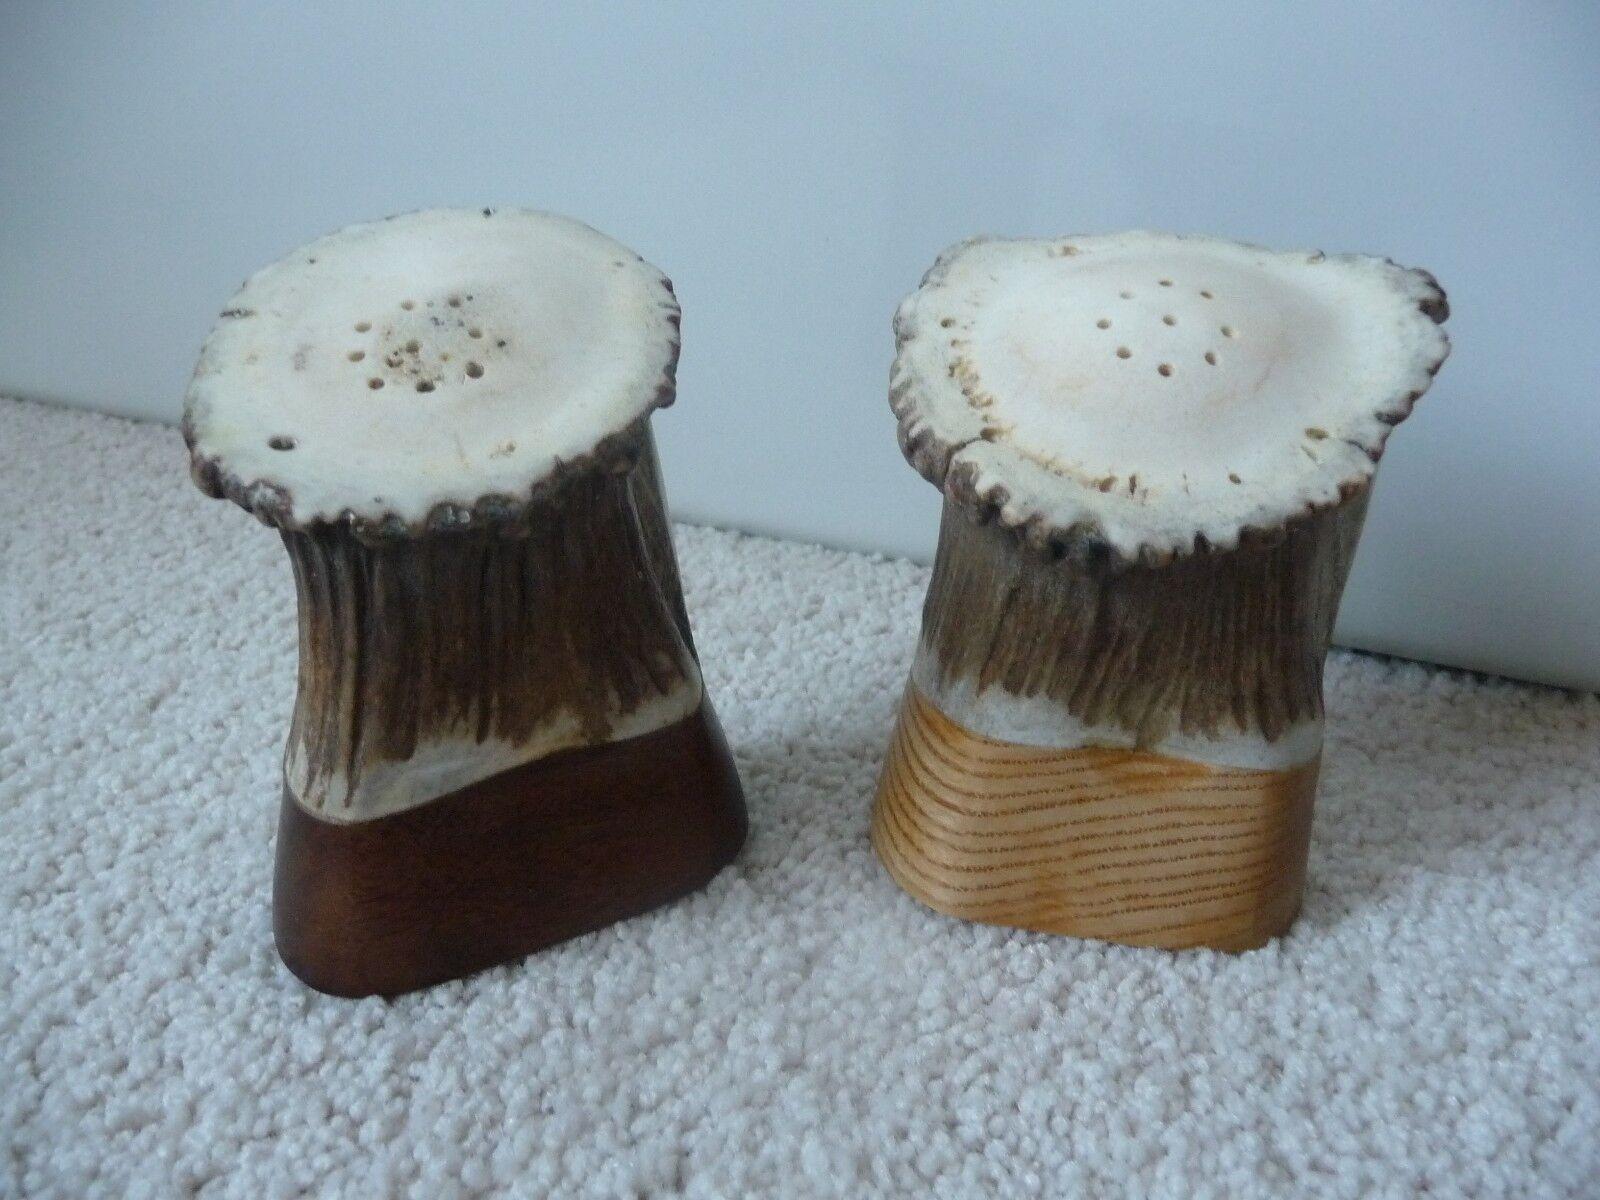 Salière et poivrière de bois ou corne et bois (environ 3.5  de hauteur)